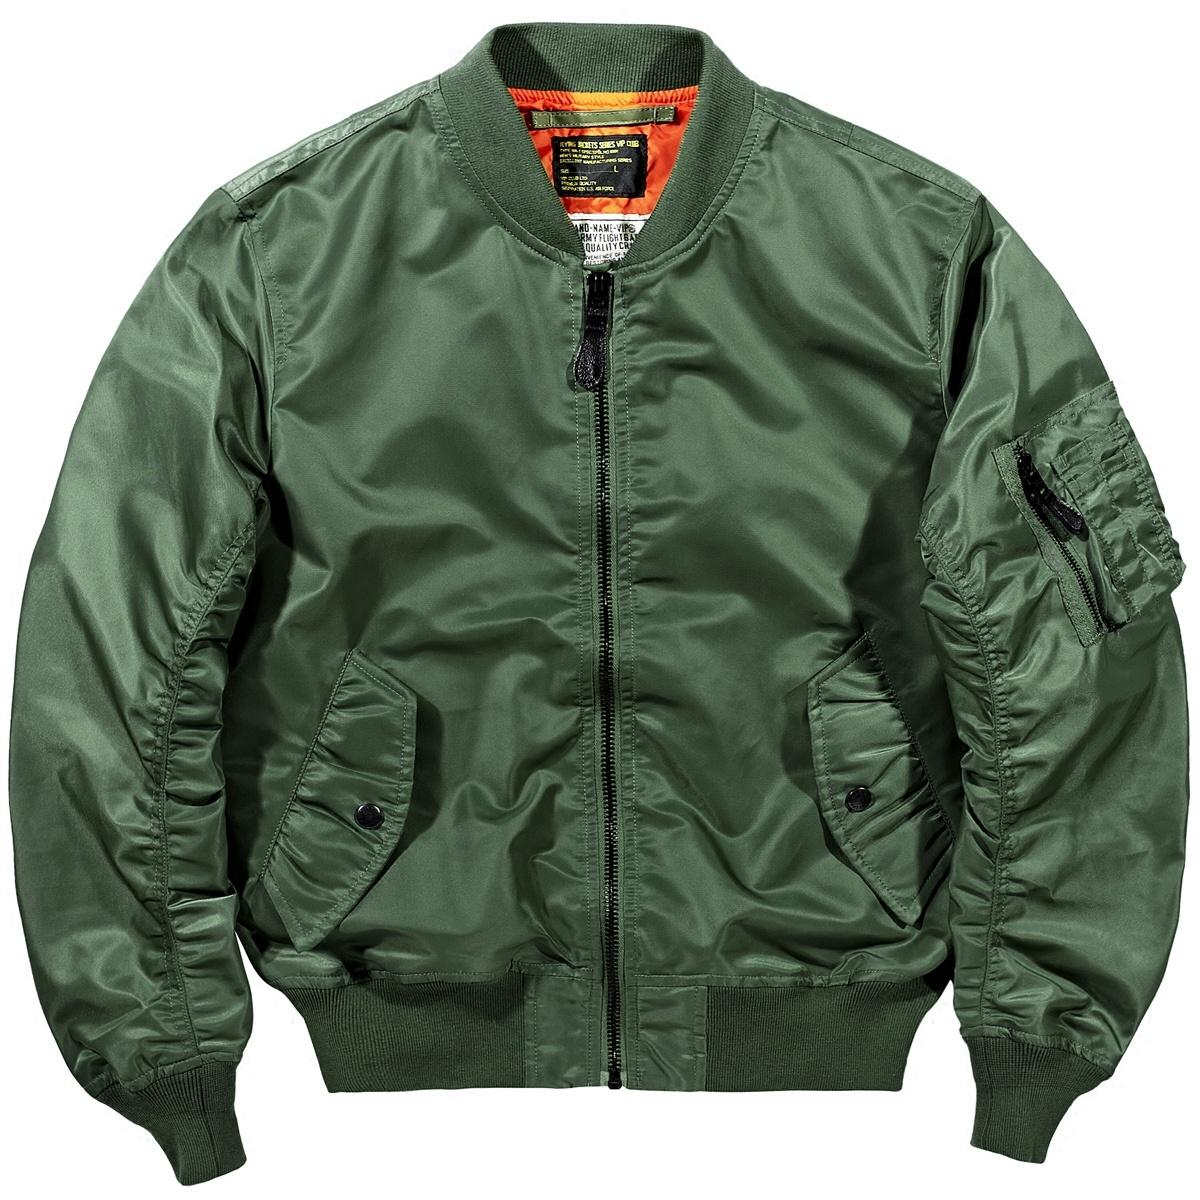 VIP春季新款空军ma1飞行员夹克男韩版棒球服大码男士军装外套潮牌